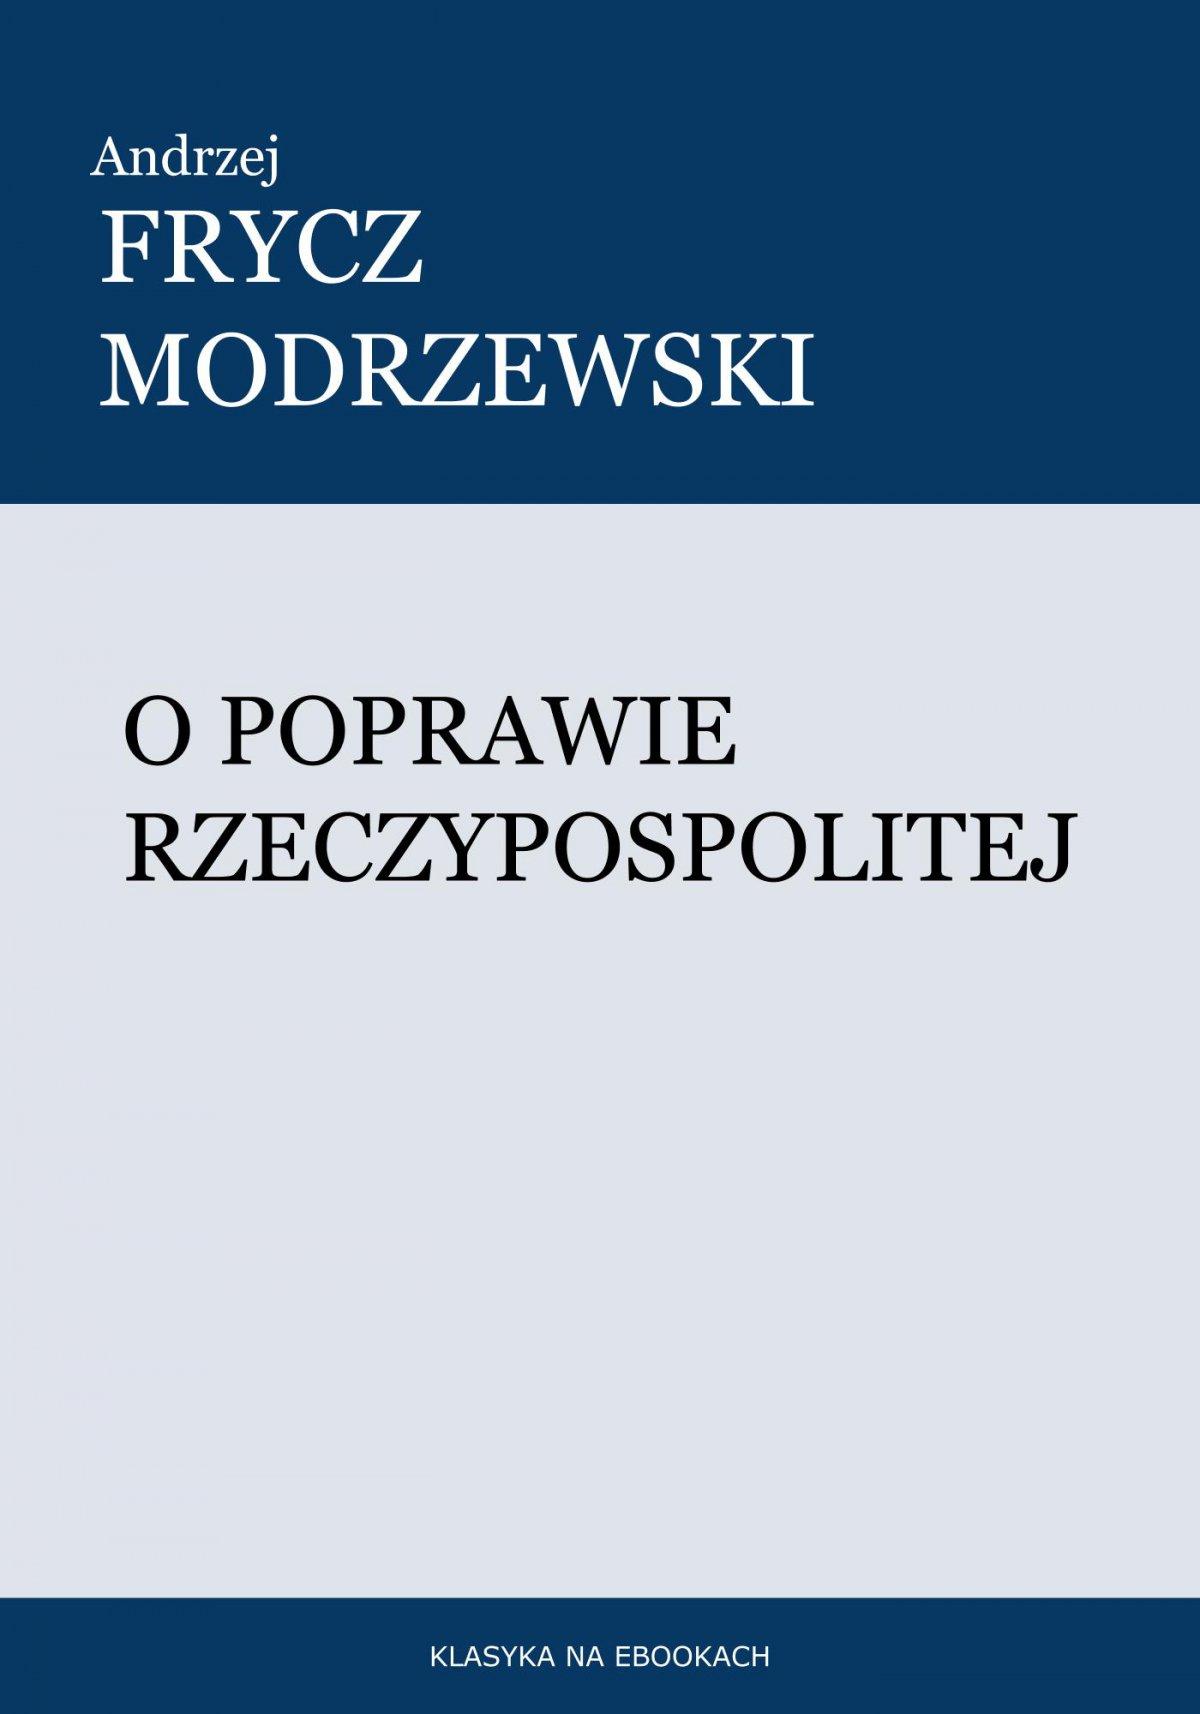 O poprawie Rzeczypospolitej - Ebook (Książka EPUB) do pobrania w formacie EPUB